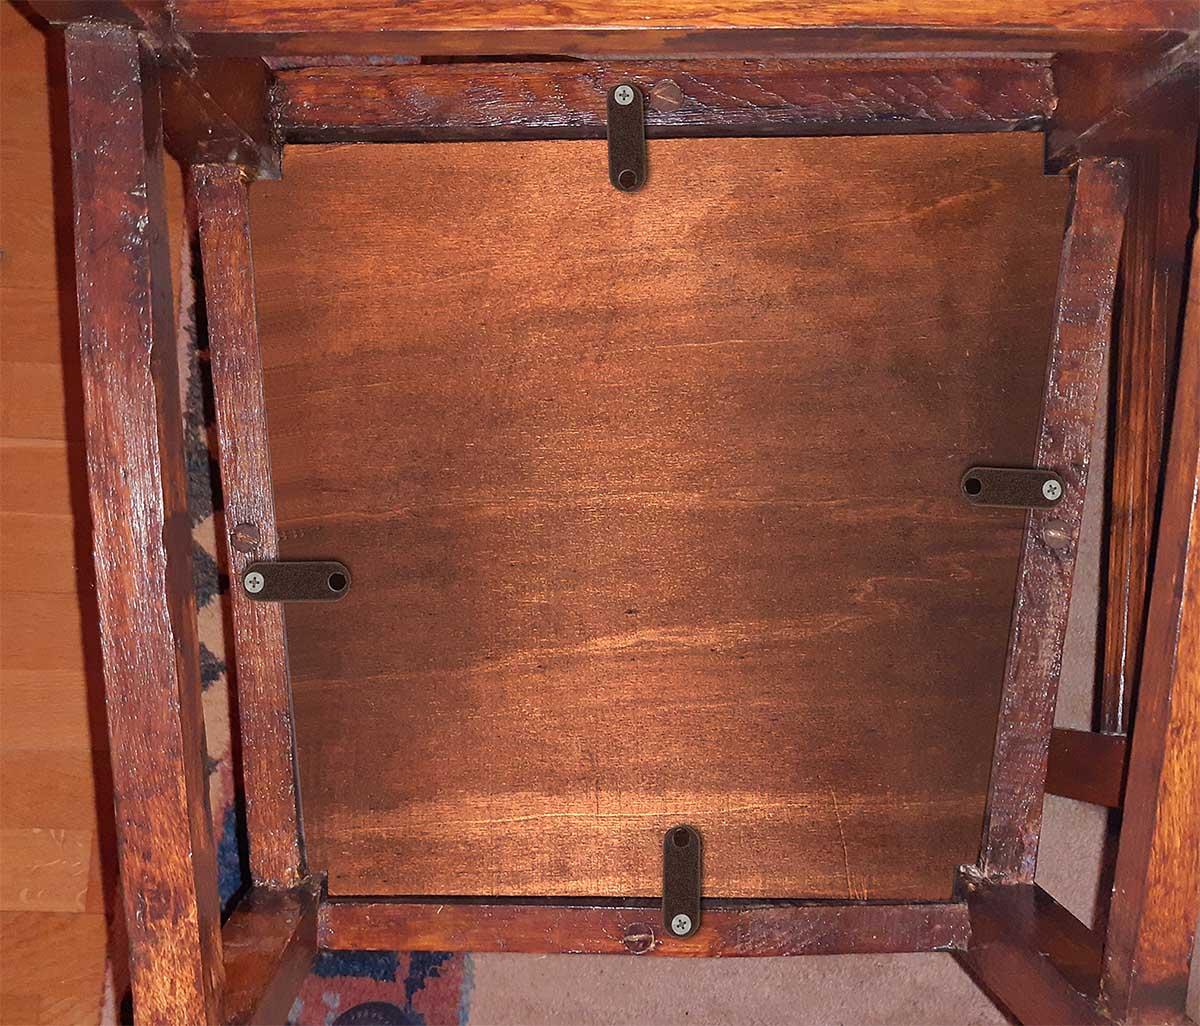 Jugenstilstuhl, Abdeckplatte unter Sitz, damit er auch von unten ordentlich aussieht